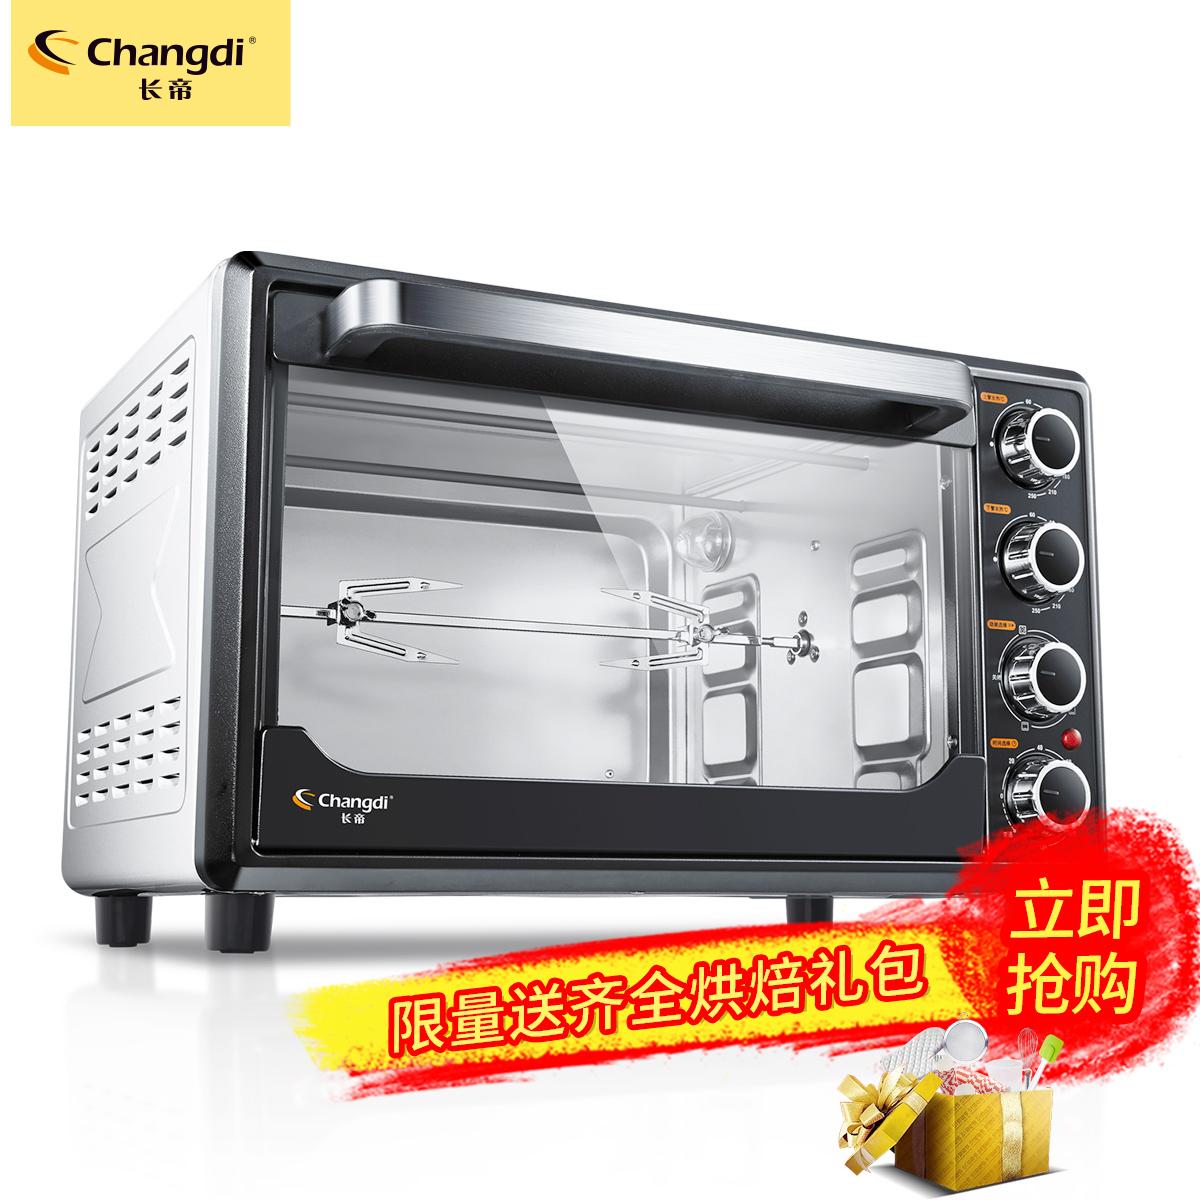 长帝 TRTF32 烤箱家用烘焙 全自动多功能大容量电烤箱蛋糕 32升